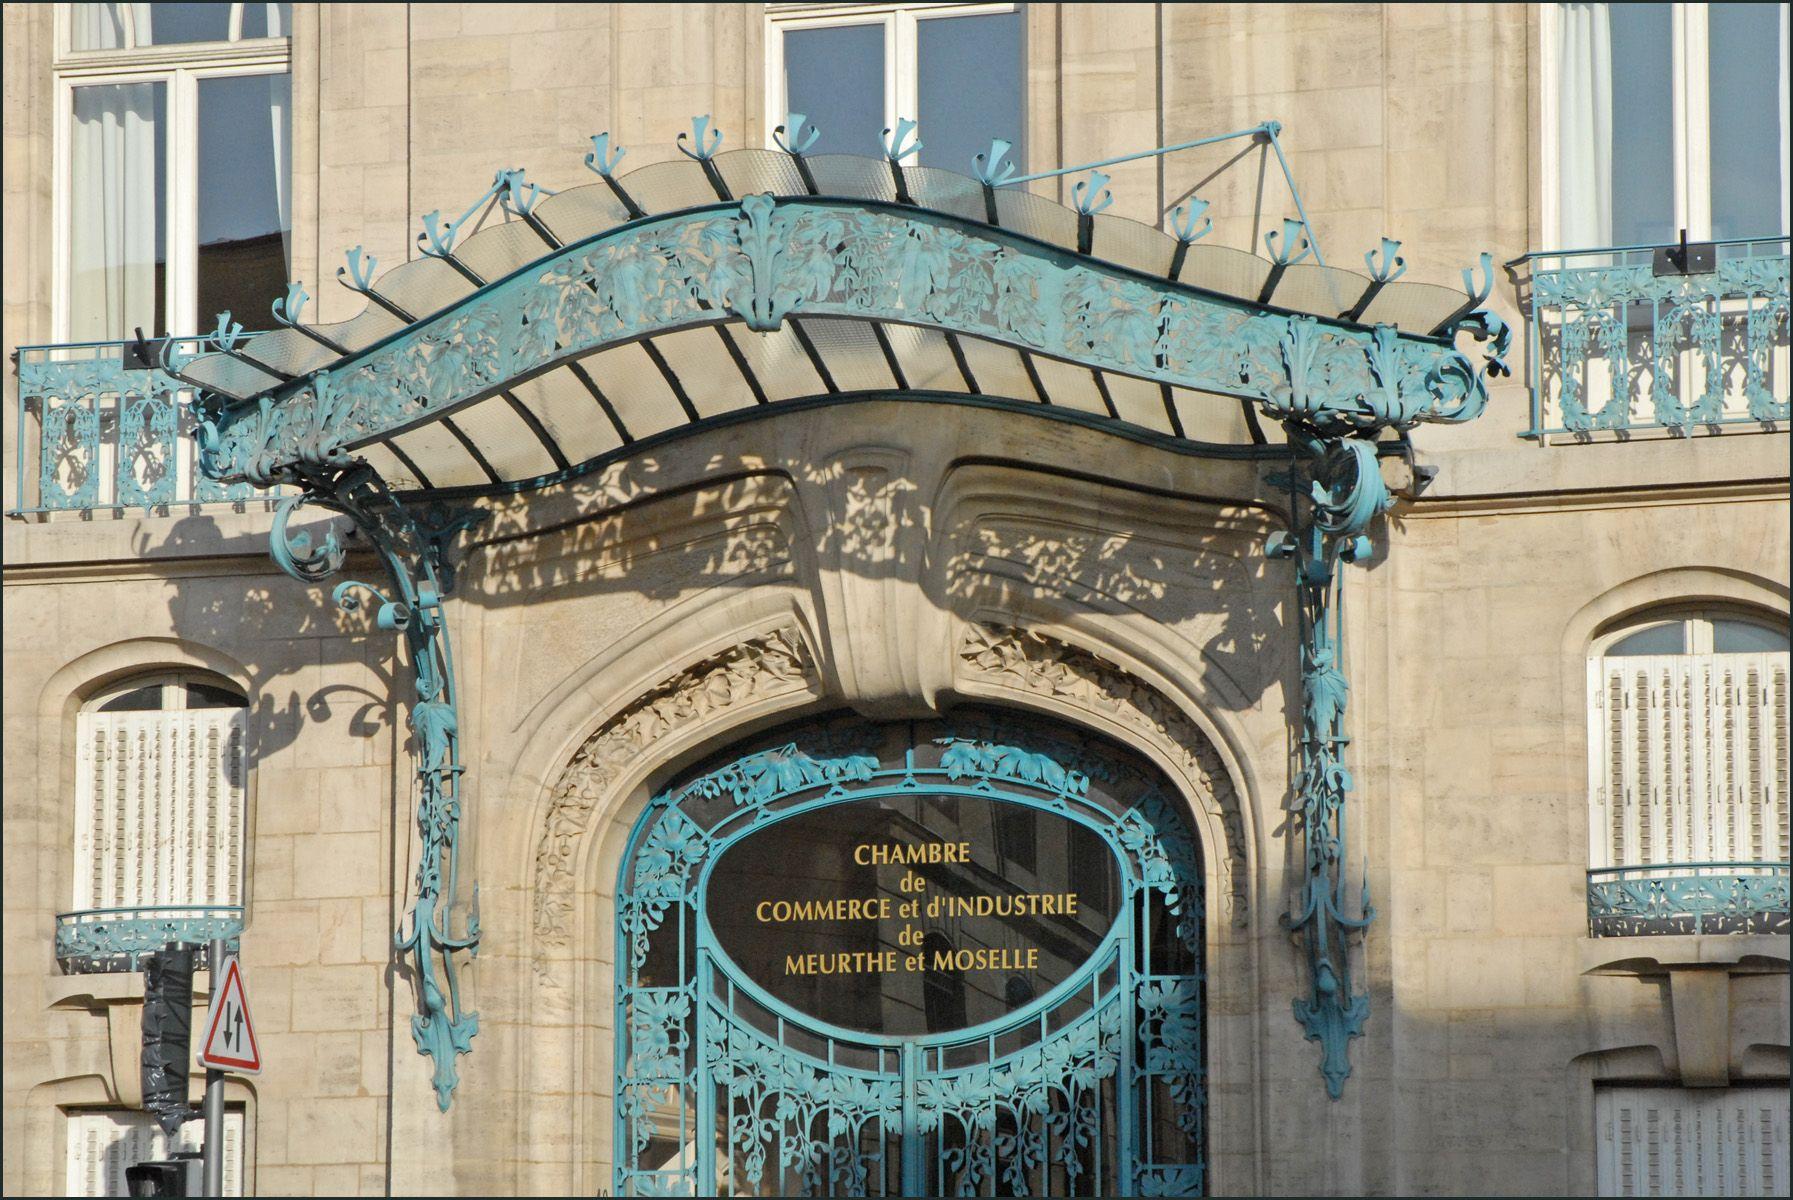 Ferronneries De Louis Majorelle La Chambre De Commerce Et D Industrie Du Meurthe Et Moselle A Nanc Architecture Exterior Art Nouveau Architecture Glass Porch